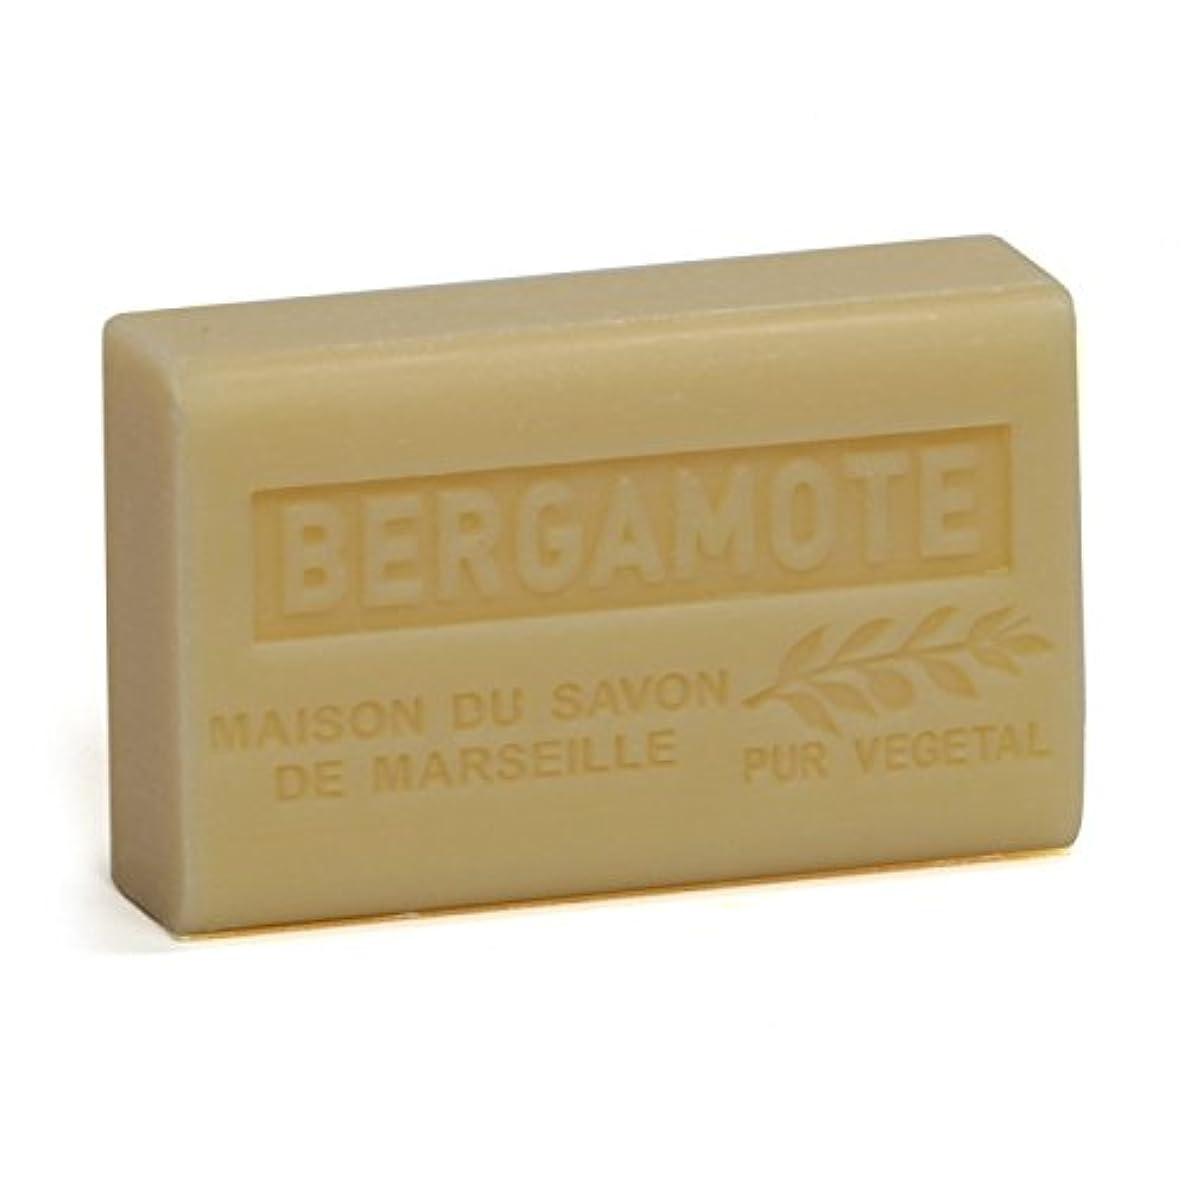 必需品症候群宇宙飛行士Savon de Marseille Soap Bergamot Shea Butter 125g